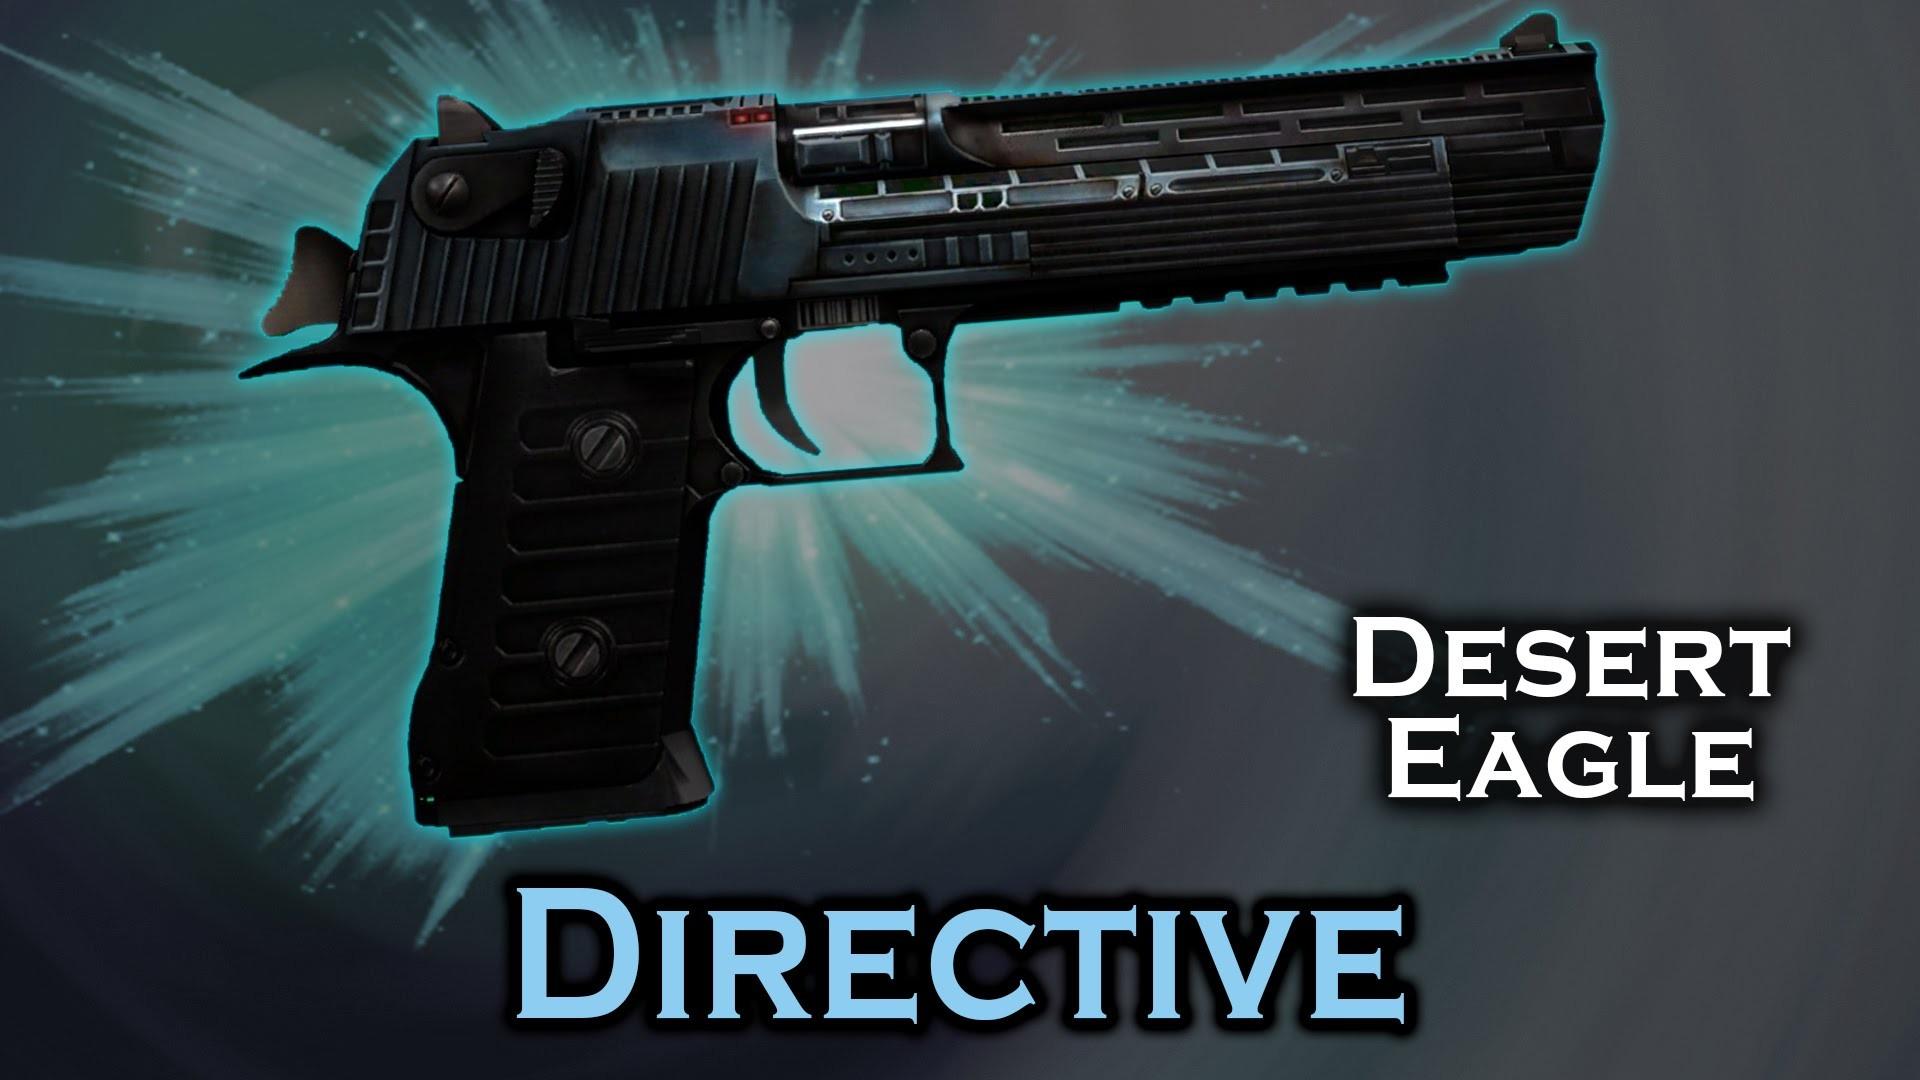 دانلود اسکین دیزرت Deagle Directive برای کانتر استریک 1.6